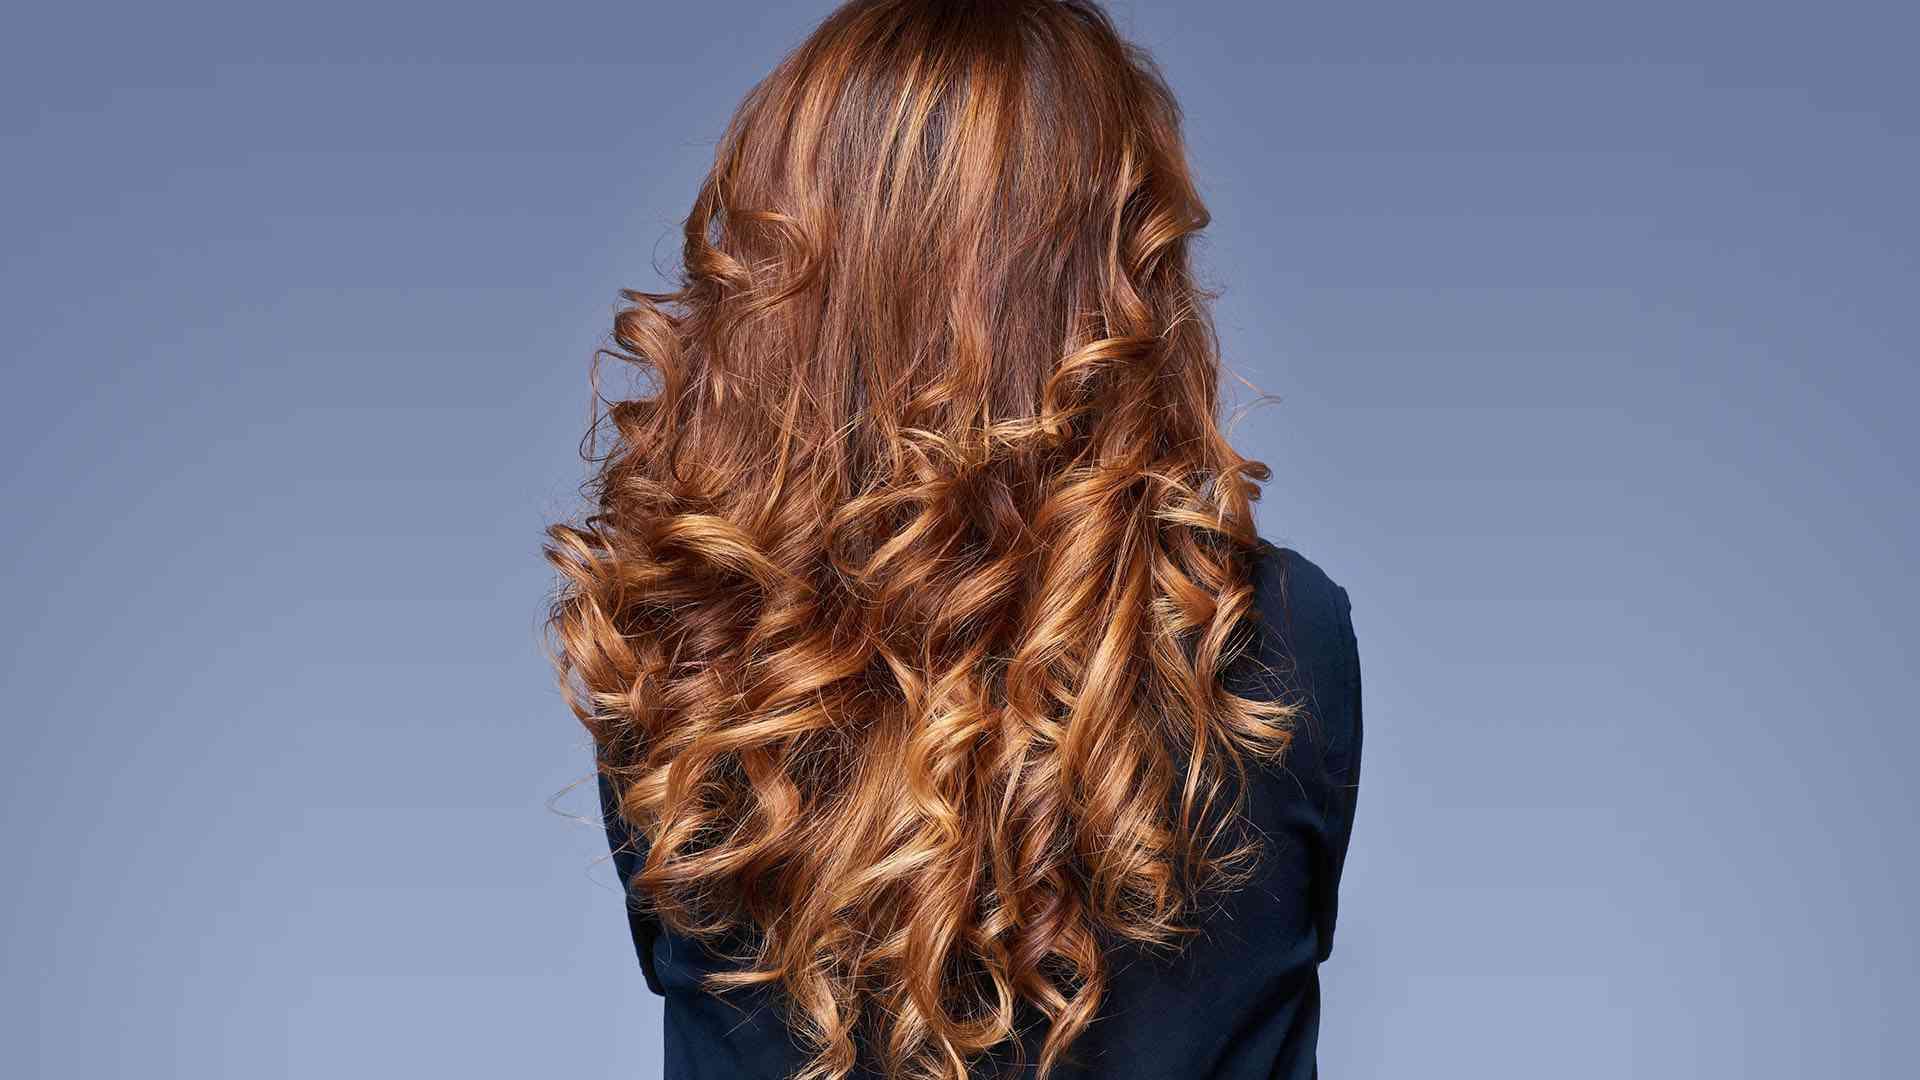 Caramel Hair Design Ideas for Brown Hair in Autumn